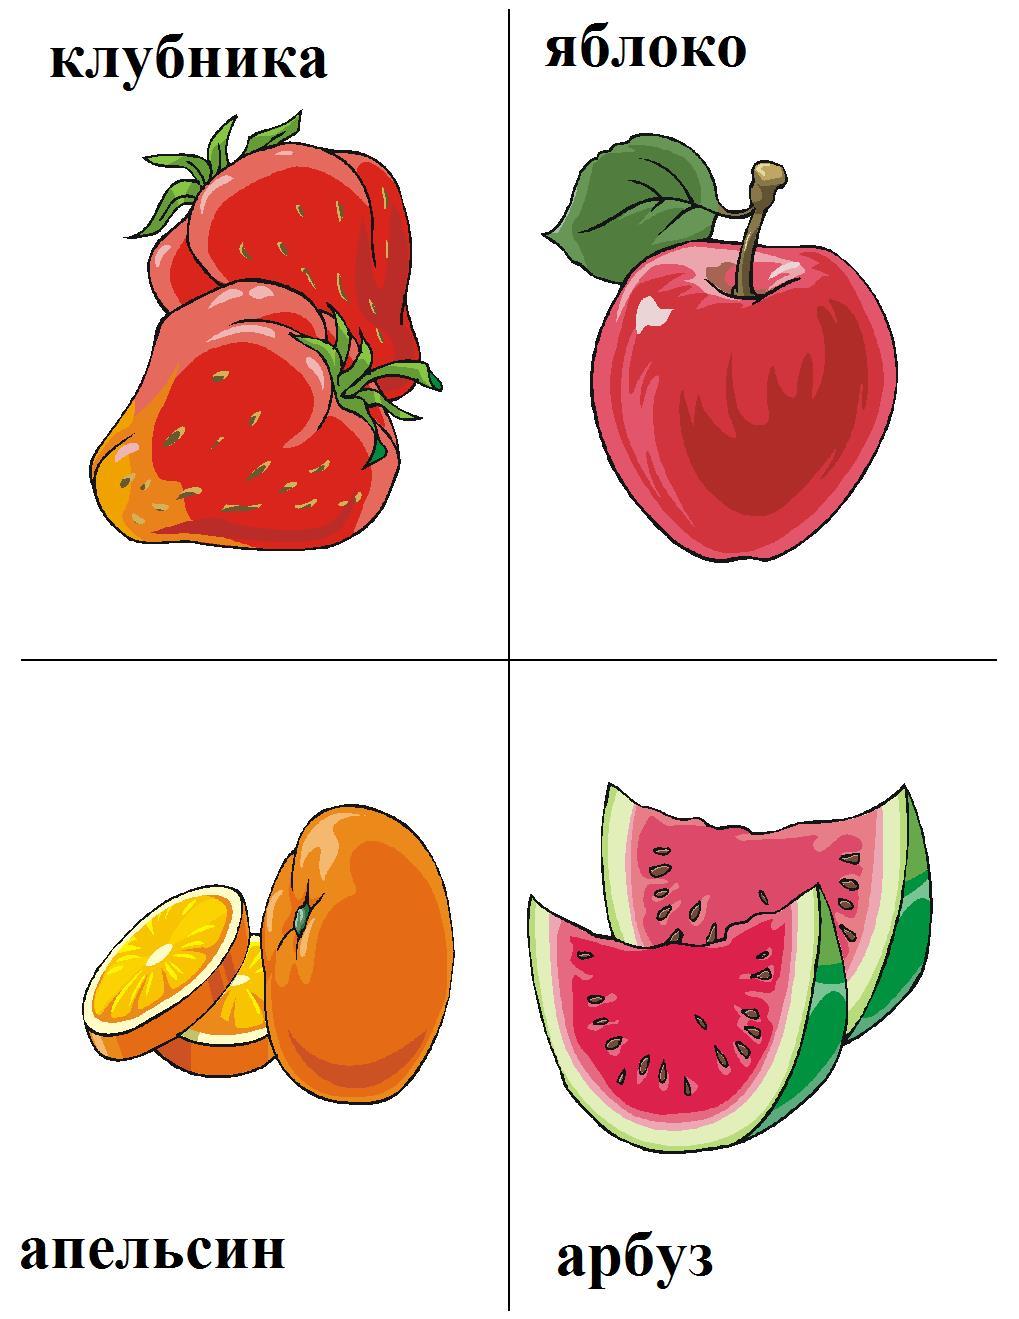 Клубника, яблоко, апельсин